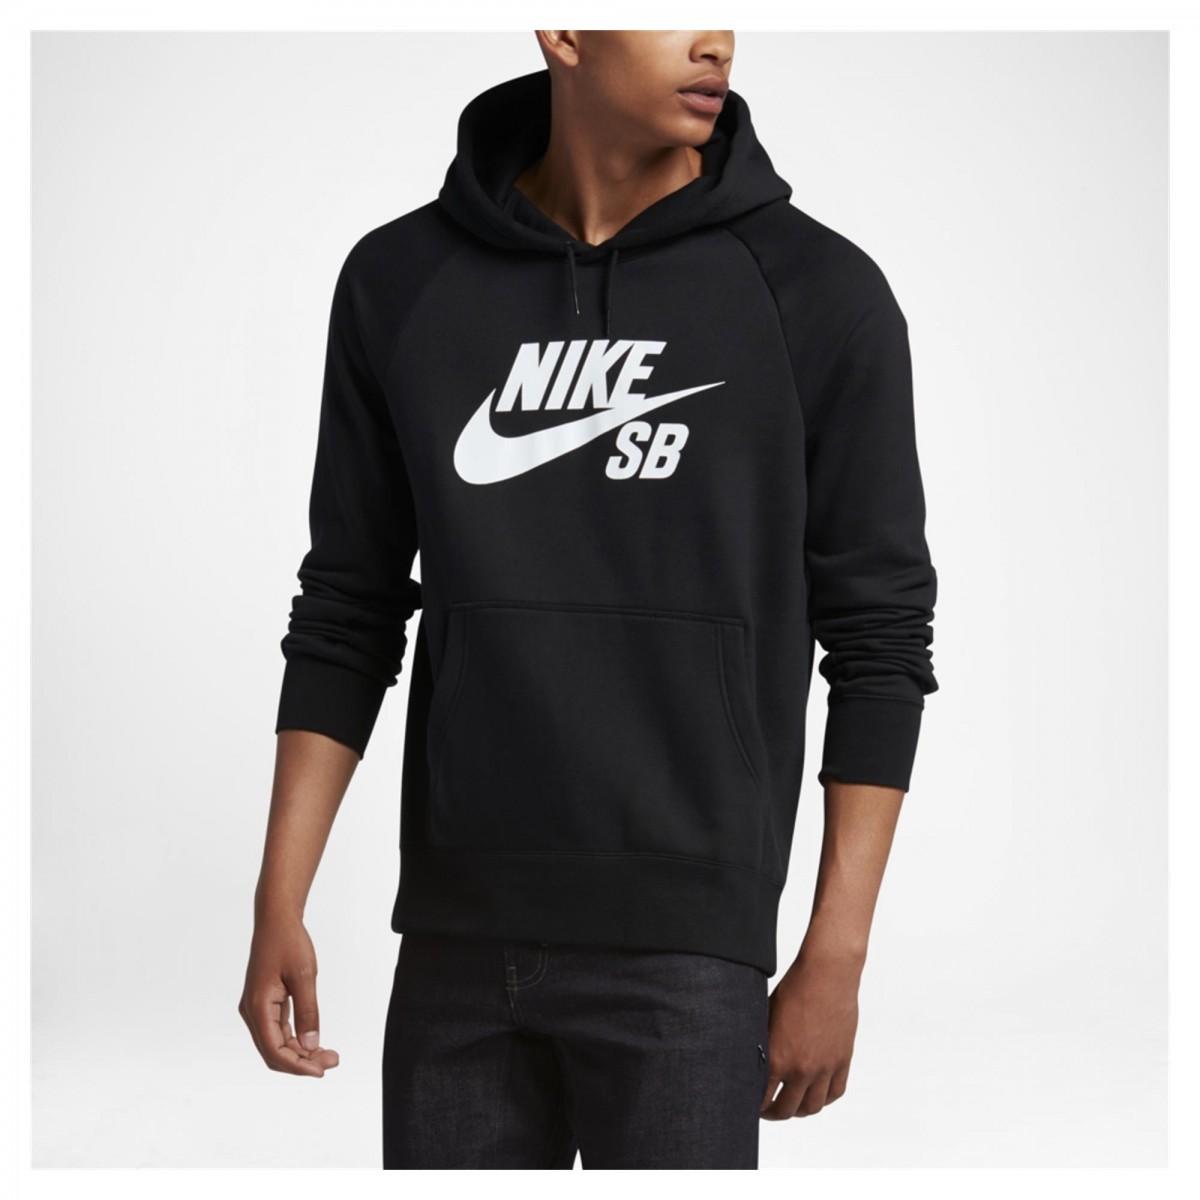 e9c4284242 Moletom Nike SB Icon Hood 846886-010 - Preto - Calçados Online ...